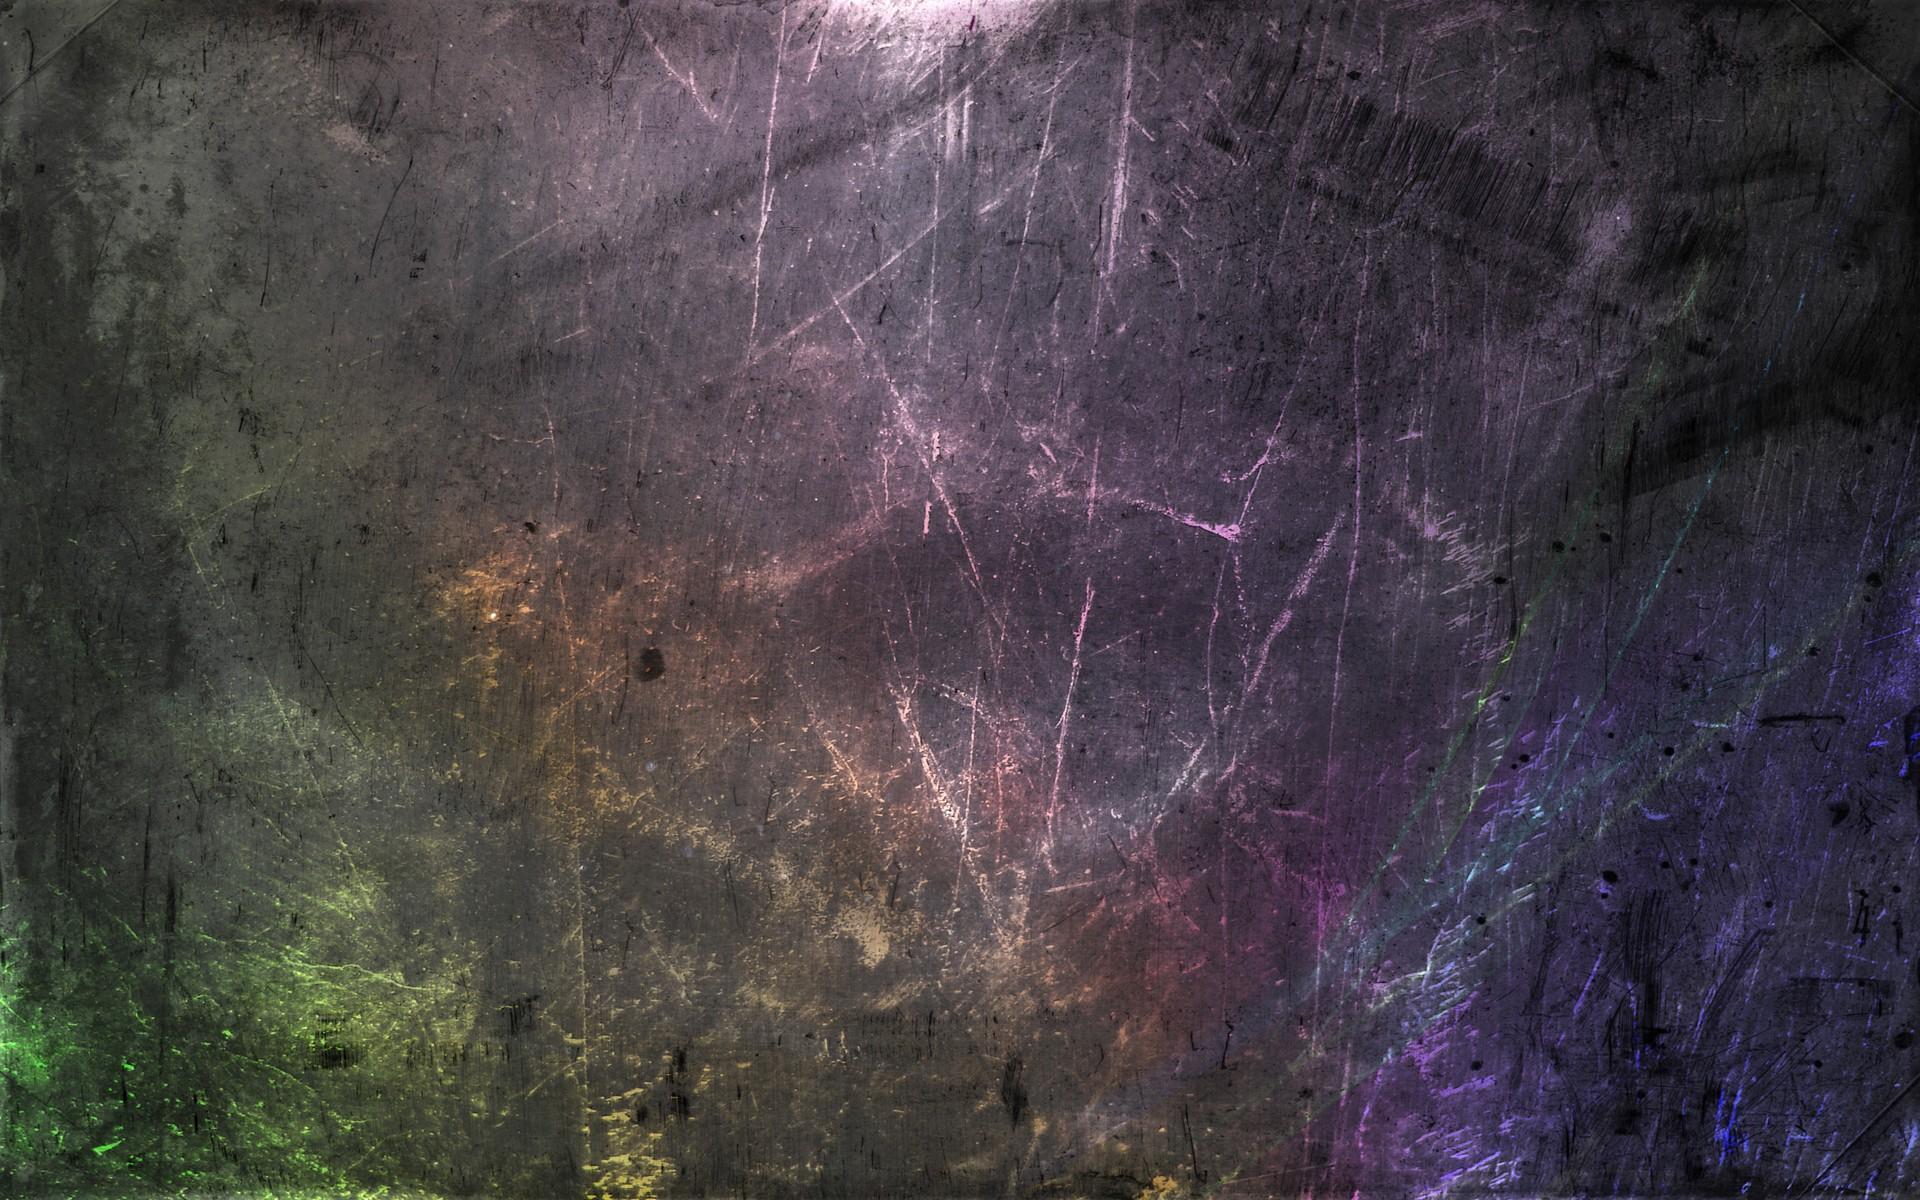 Grunge wallpapers wallpapersafari - White grunge background 1920x1080 ...